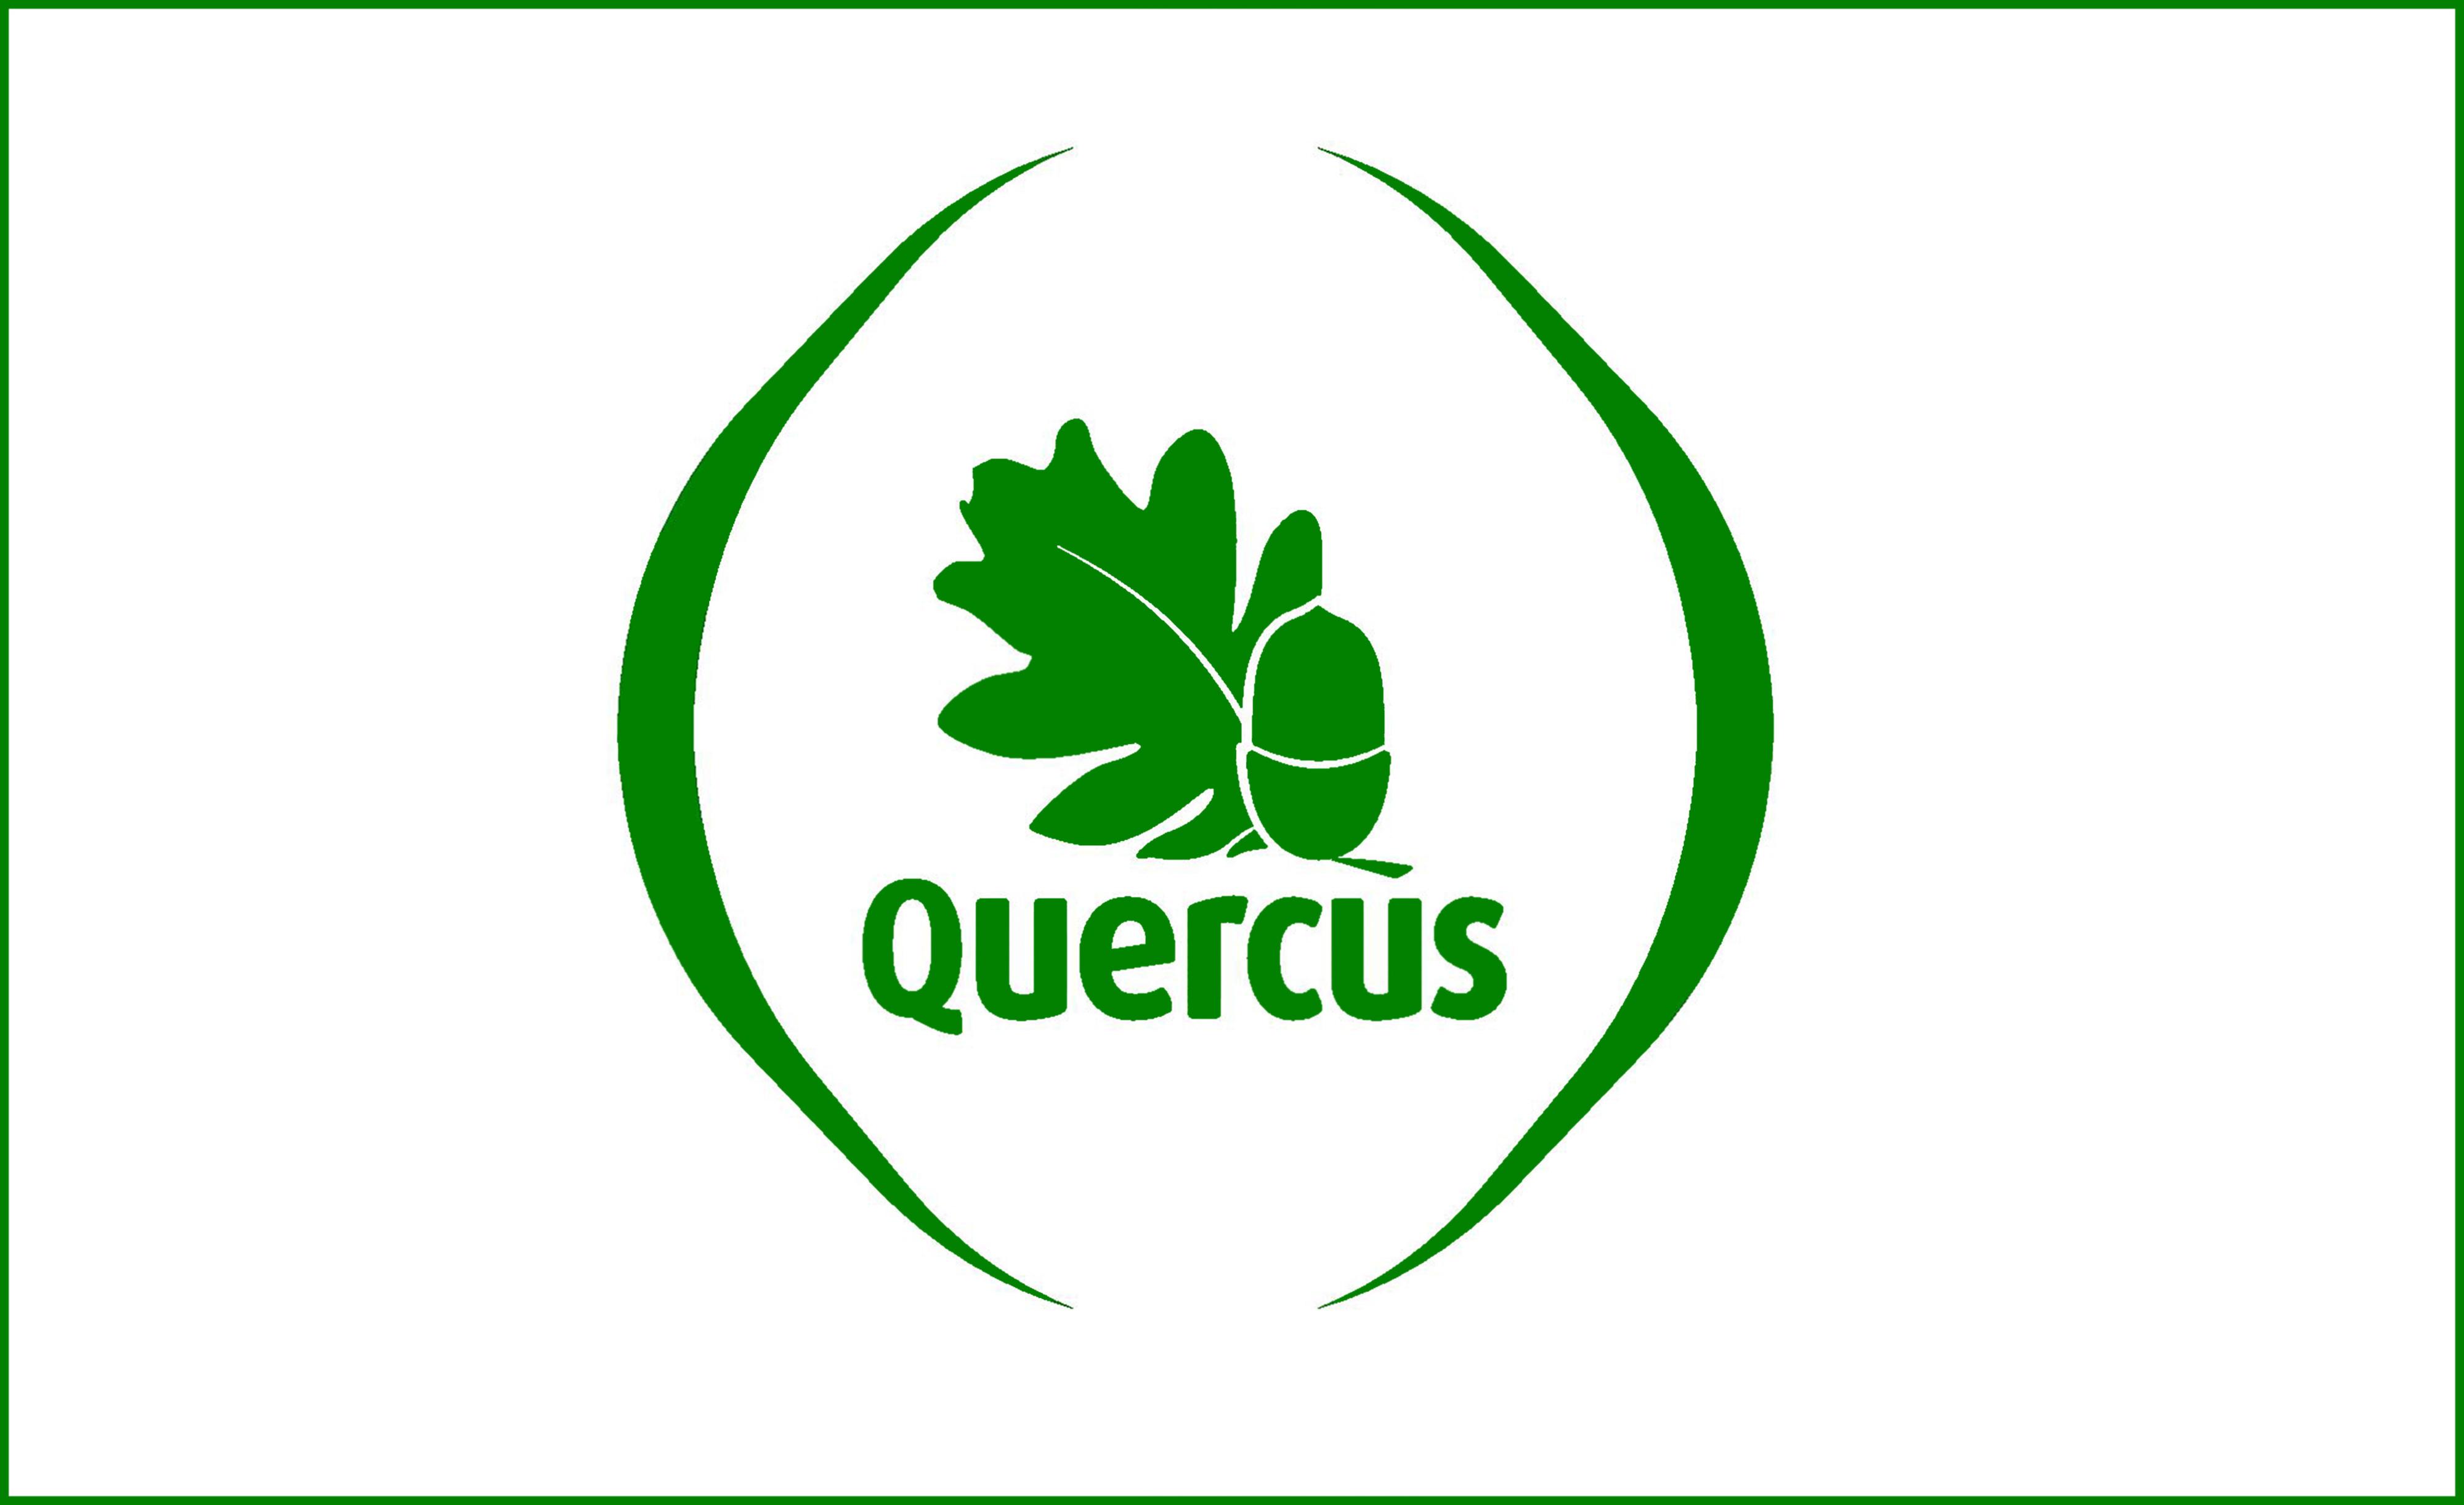 Quercus saúda medidas de redução de plásticos descartáveis anunciadas pelo Governo